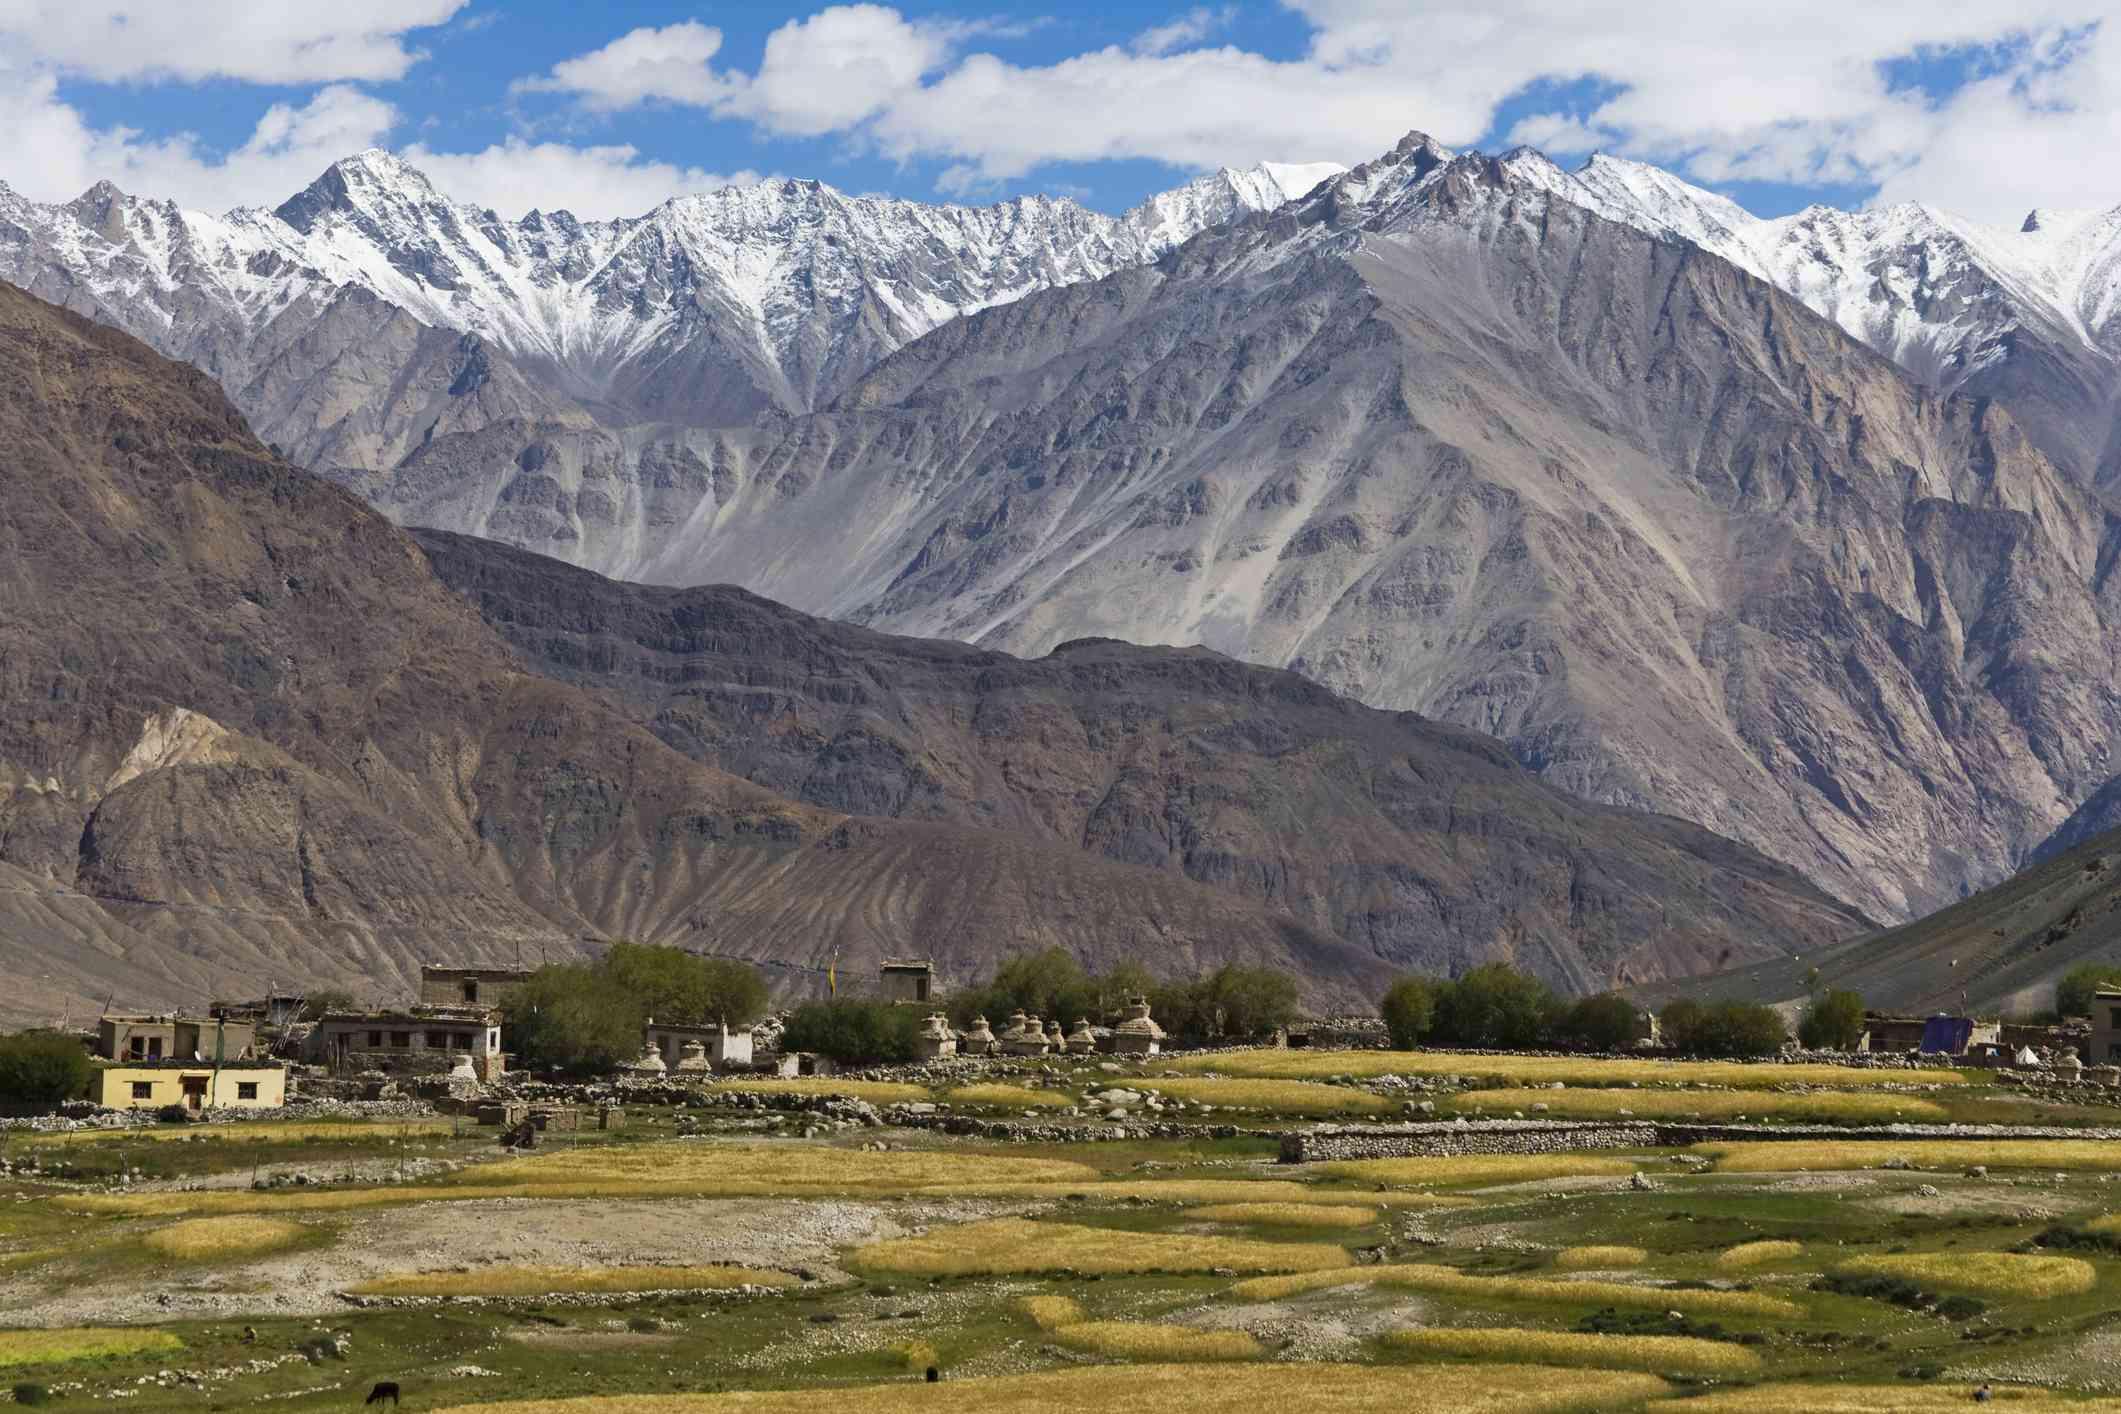 Barley field and village in the Karakorum, Nubra Valley.